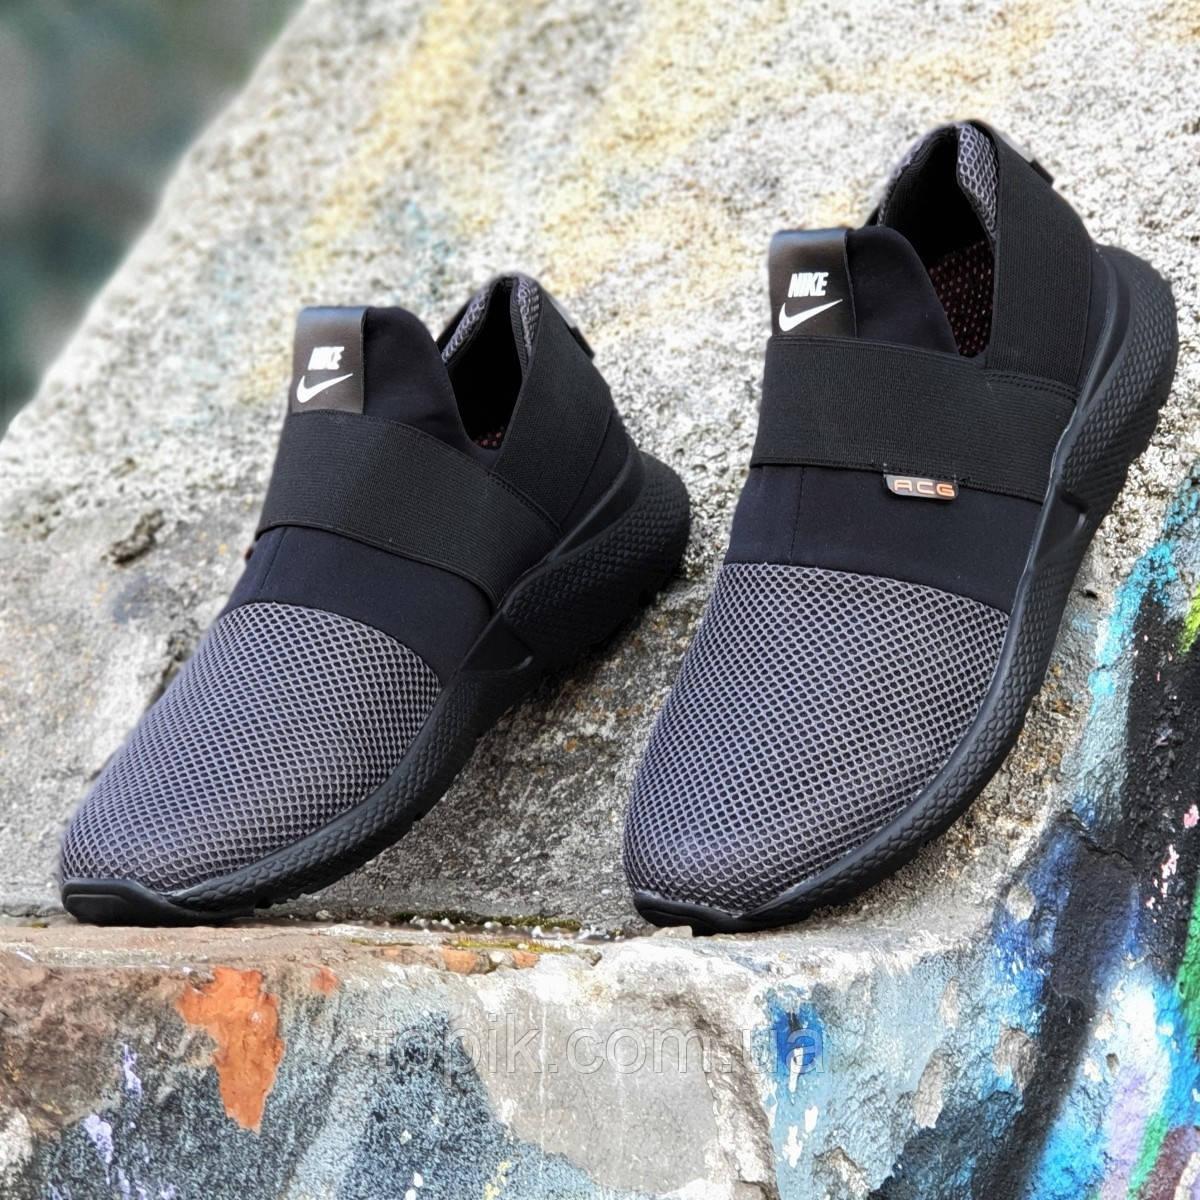 Стильные мужские кроссовки черные, серая сетка, усиленный носок и пятка, мягкие и удобные (Код: 1364а)